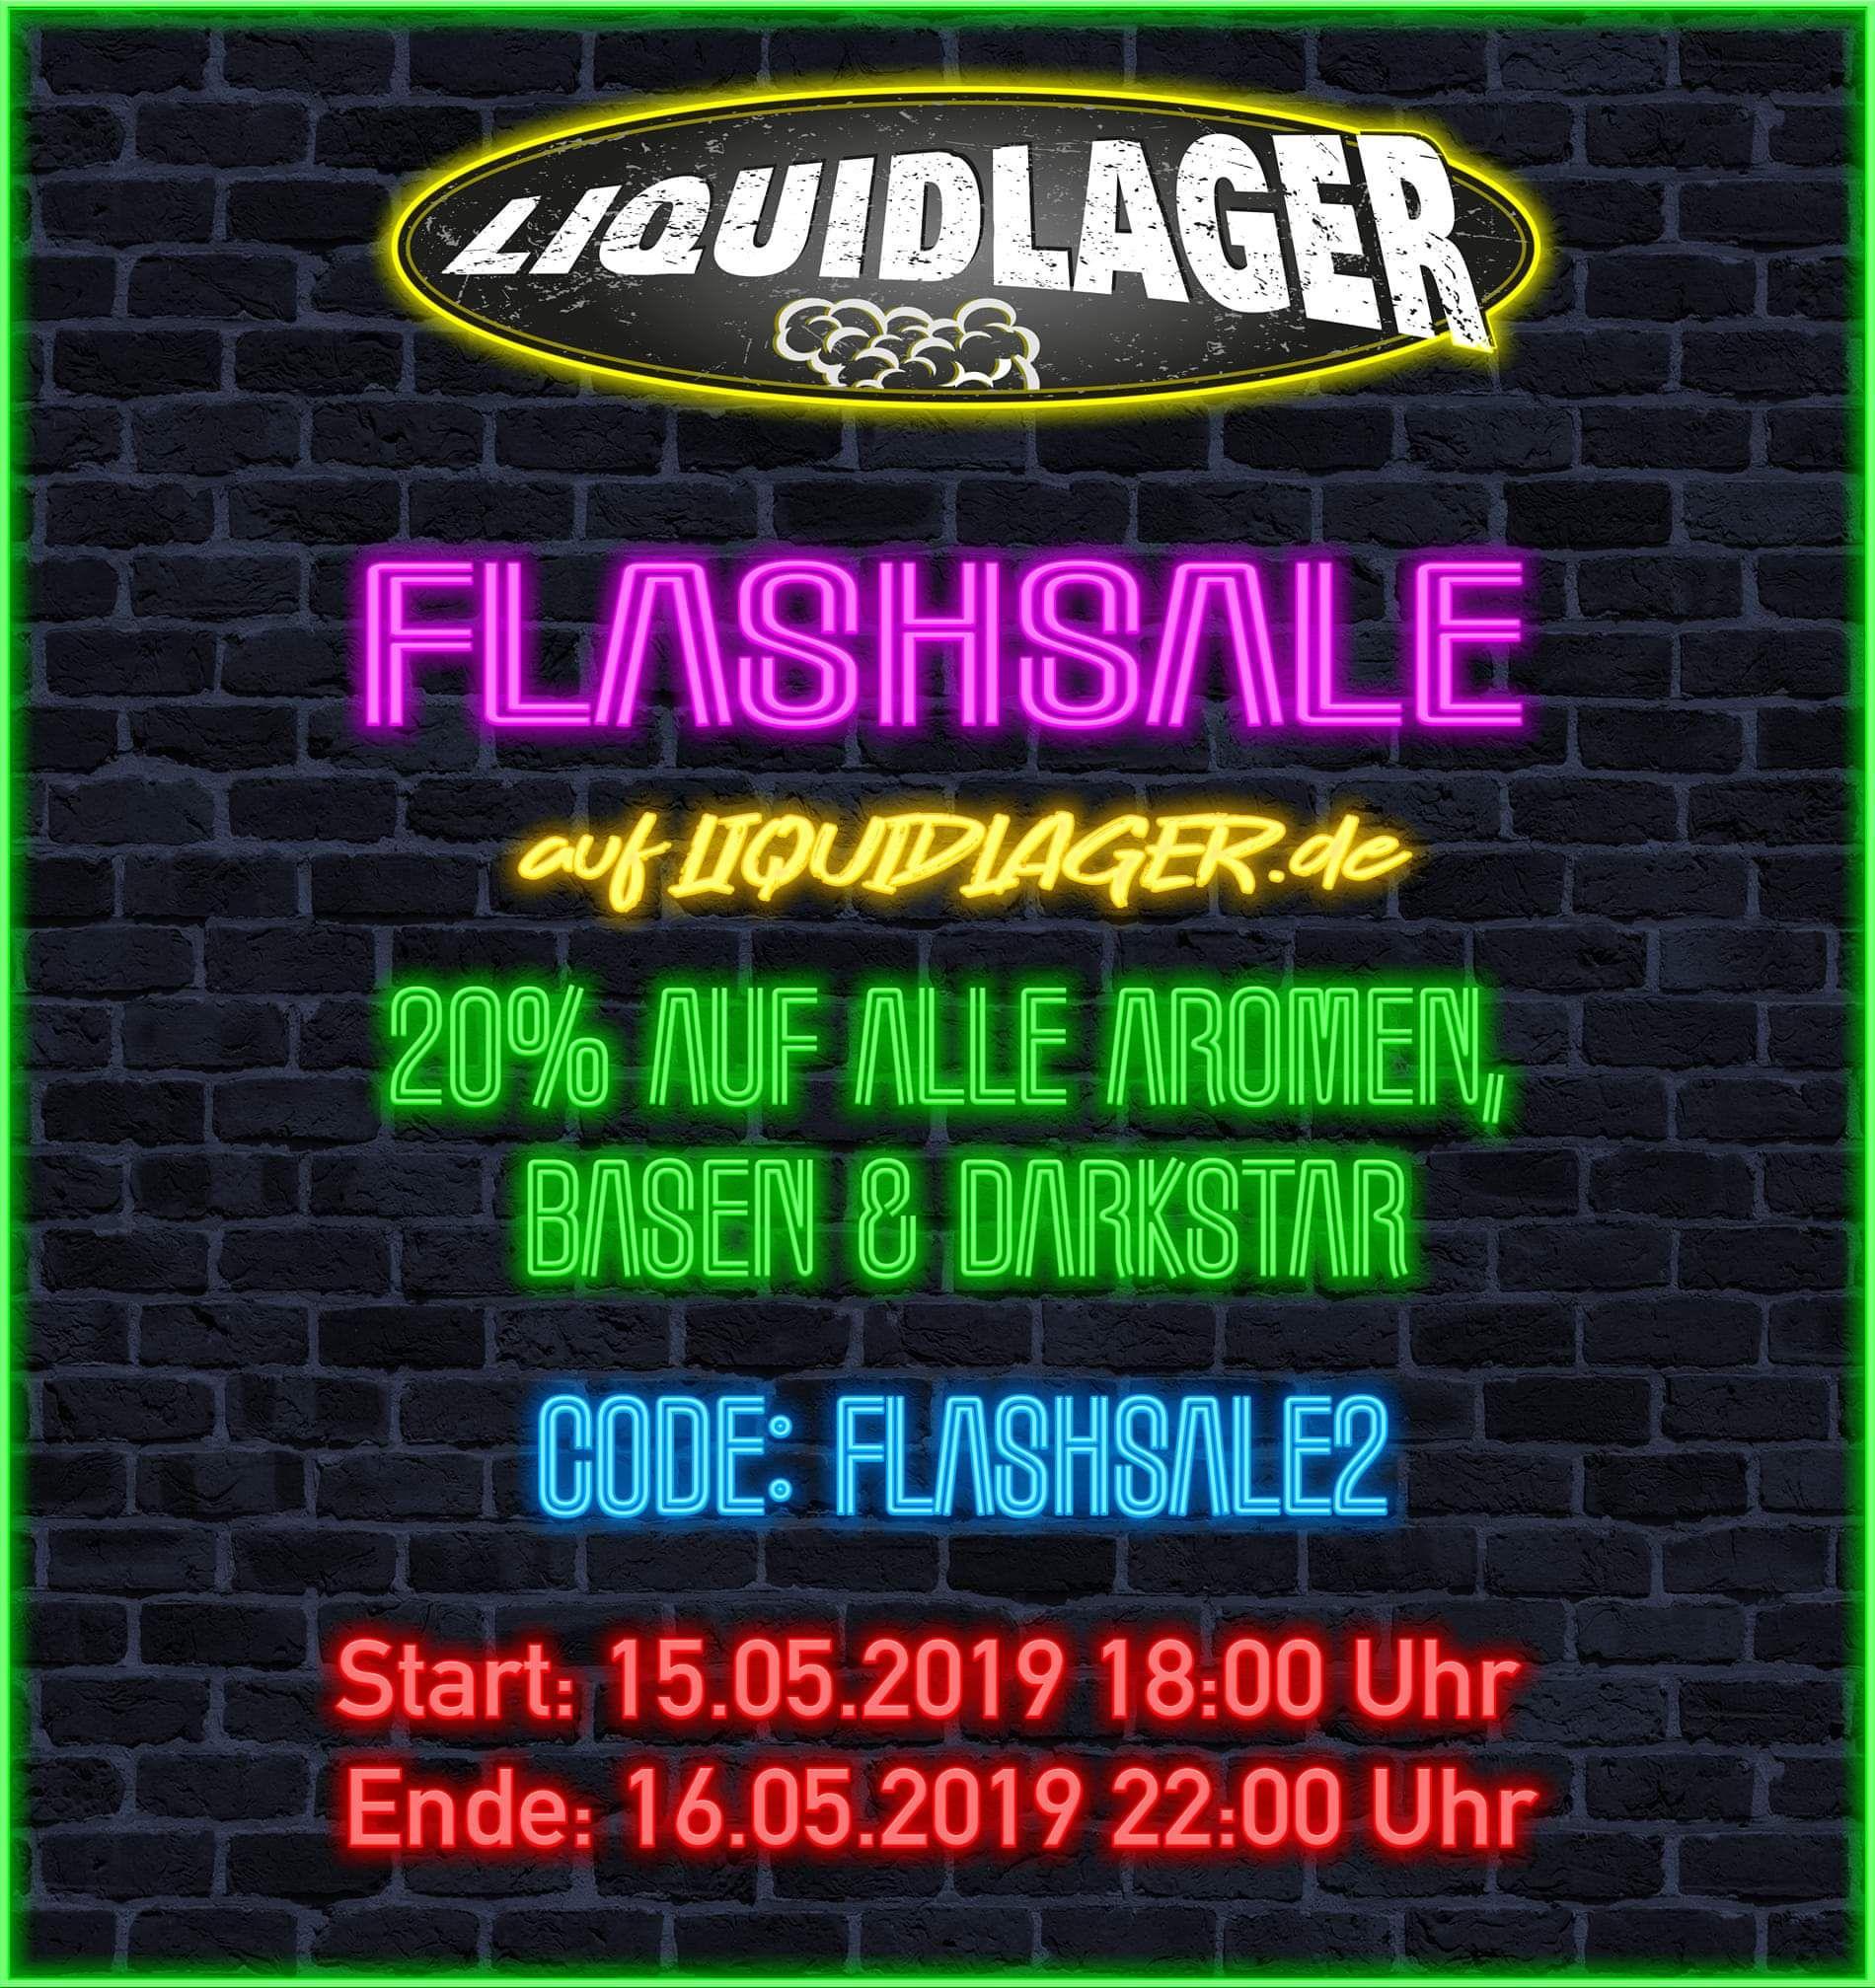 [liquidlager.de] FLASHSALE - 20% auf alle Aromen, Basen und Darkstar